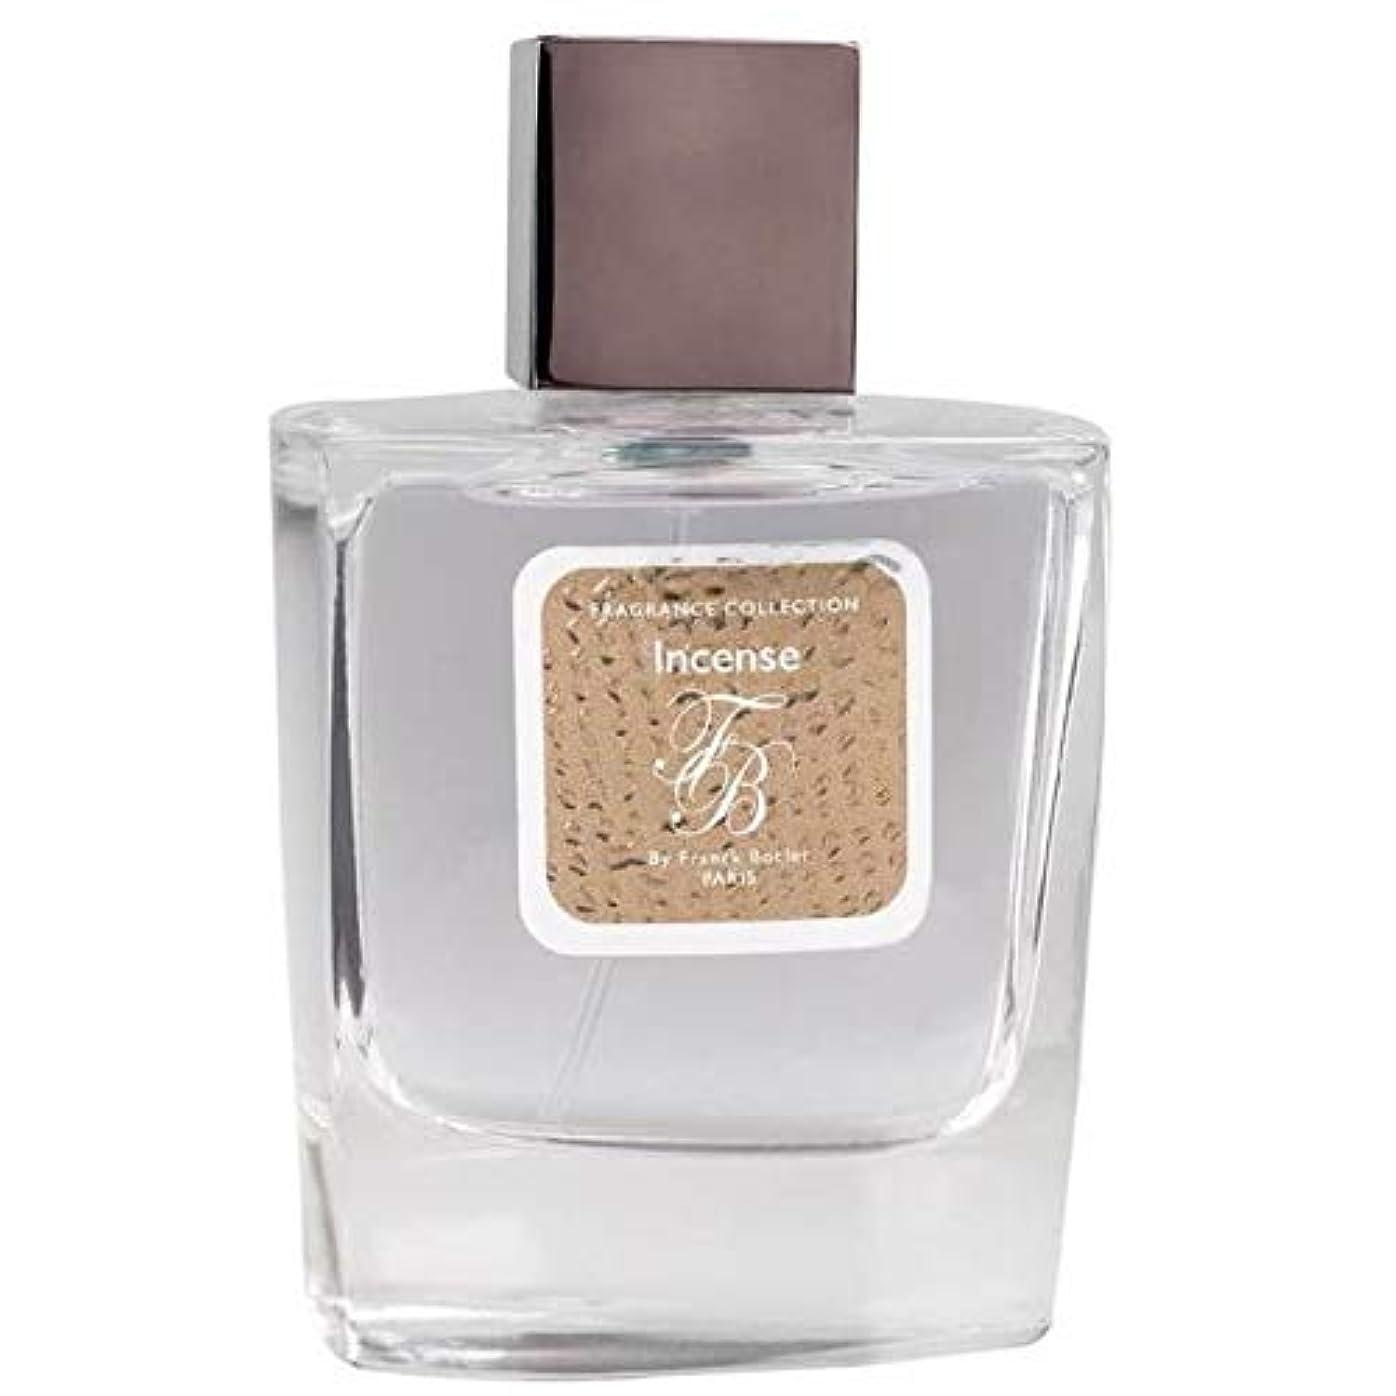 不確実謎めいた旅行代理店Franck Boclet Incense Eau de Parfum 3.3 Oz/100 ml New in Box